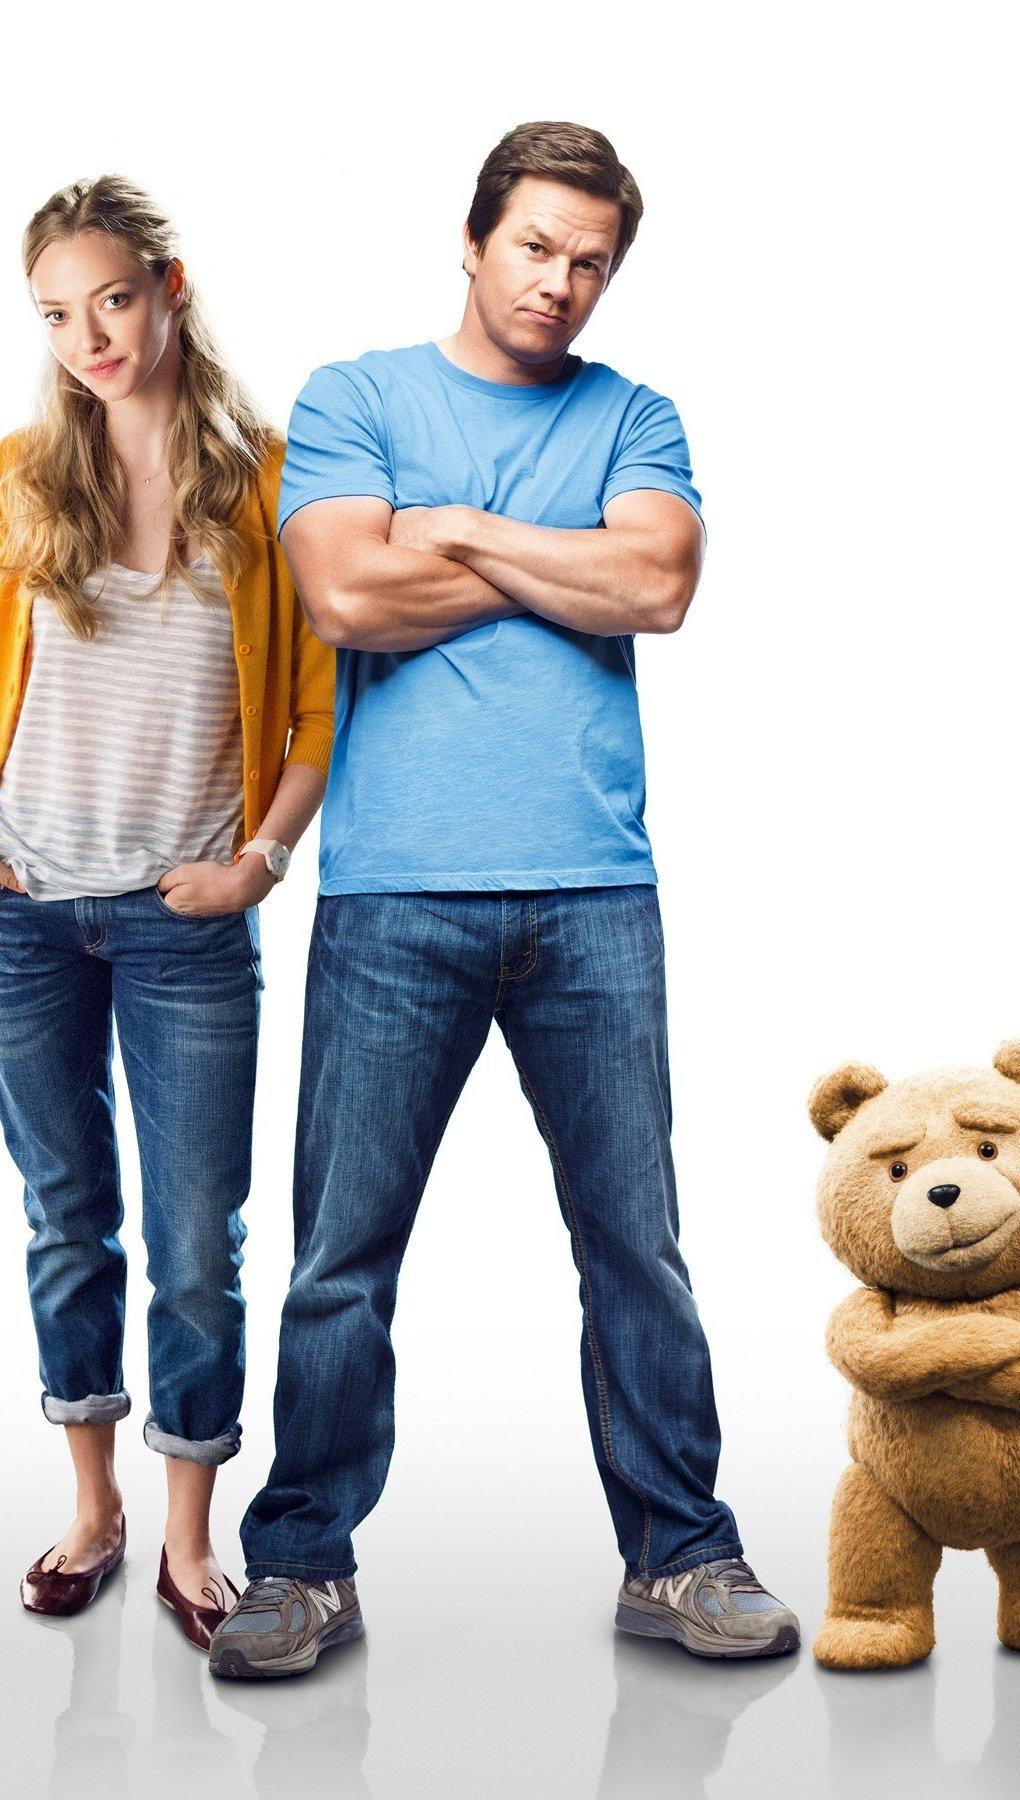 Fondos de pantalla Mark Wahlberg y Amanda Seyfried en Ted 2 Vertical